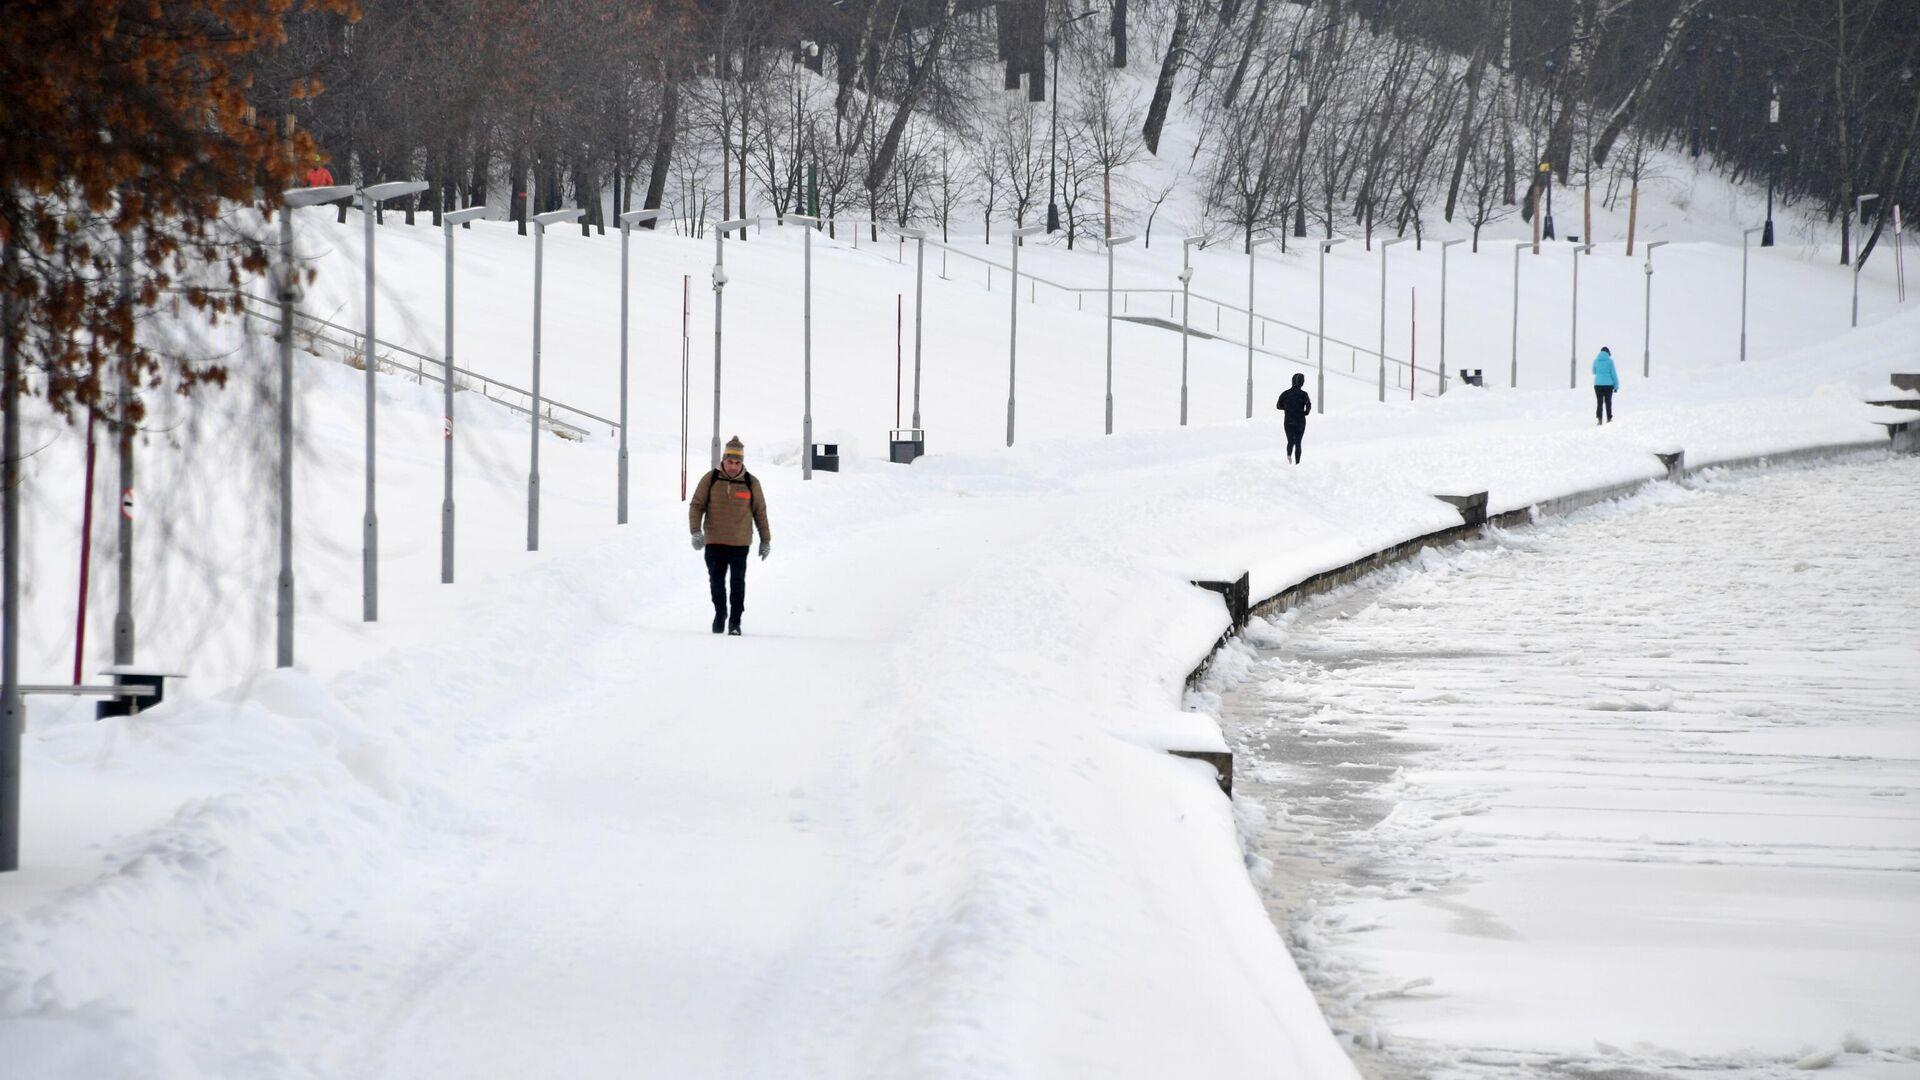 Зима в Москве - РИА Новости, 1920, 04.02.2021